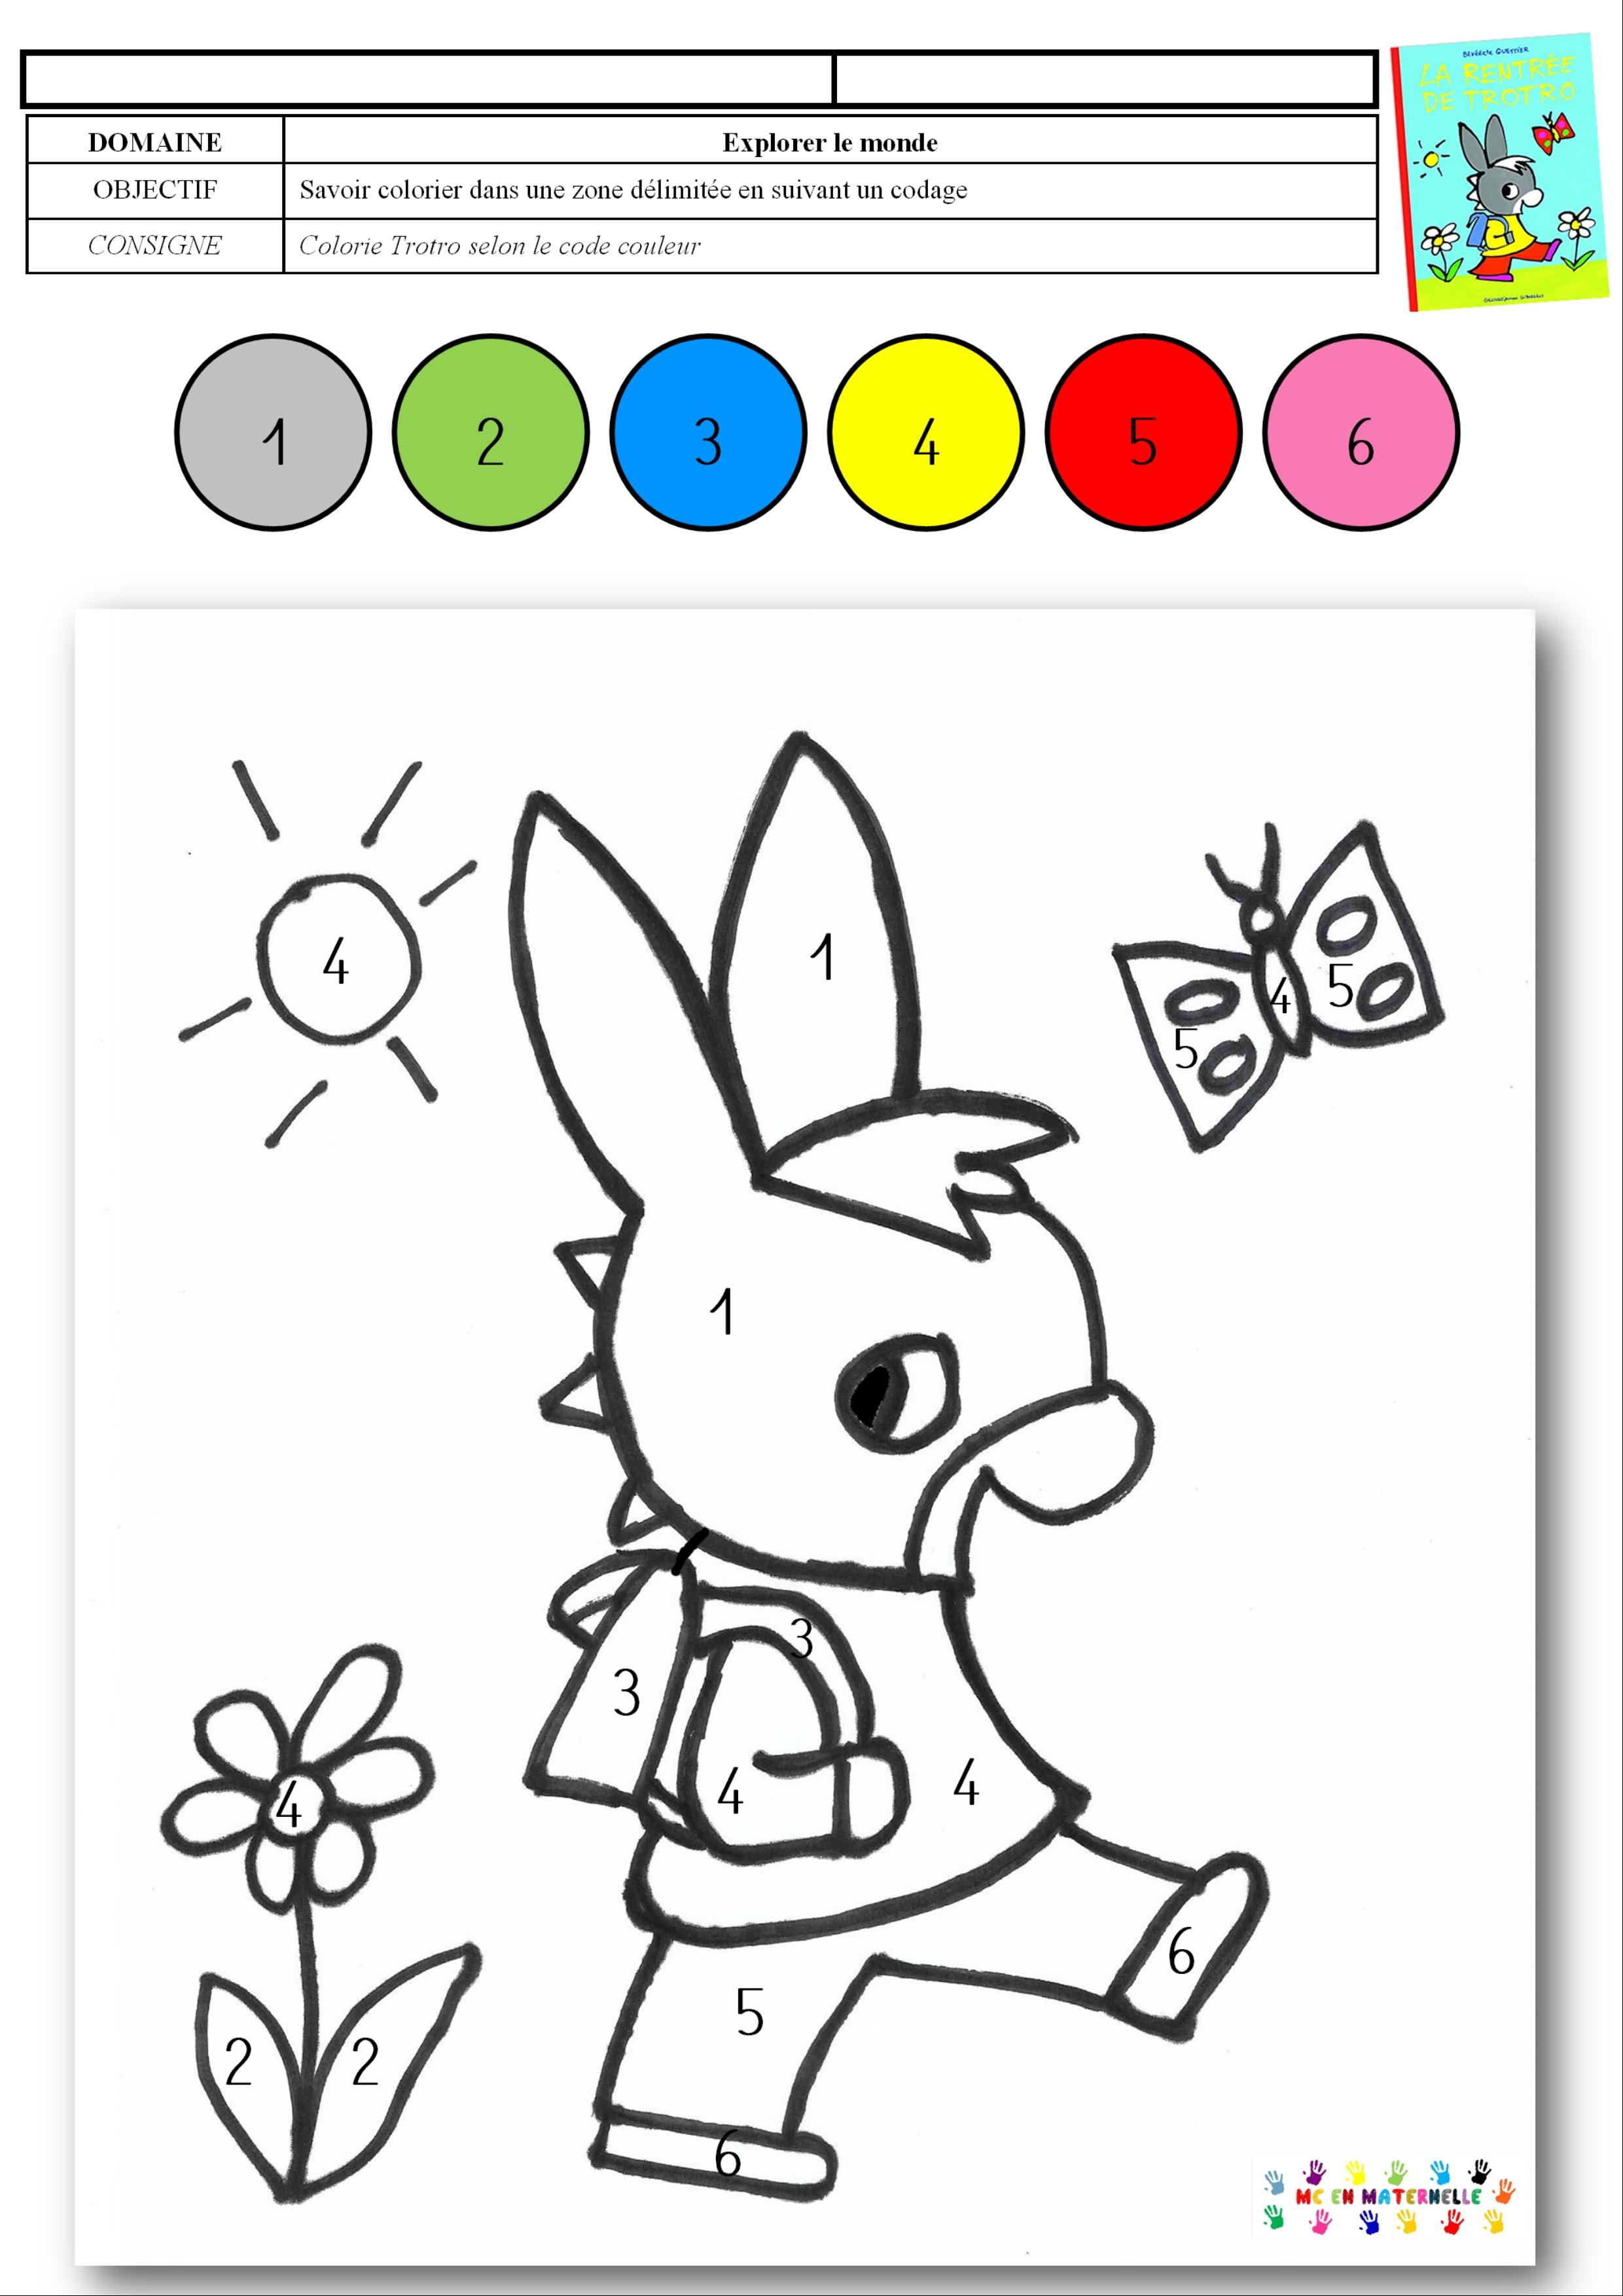 La Rentrée De Trotro : Coloriage Magique – Mc En Maternelle serapportantà Coloriage Avec Chiffre